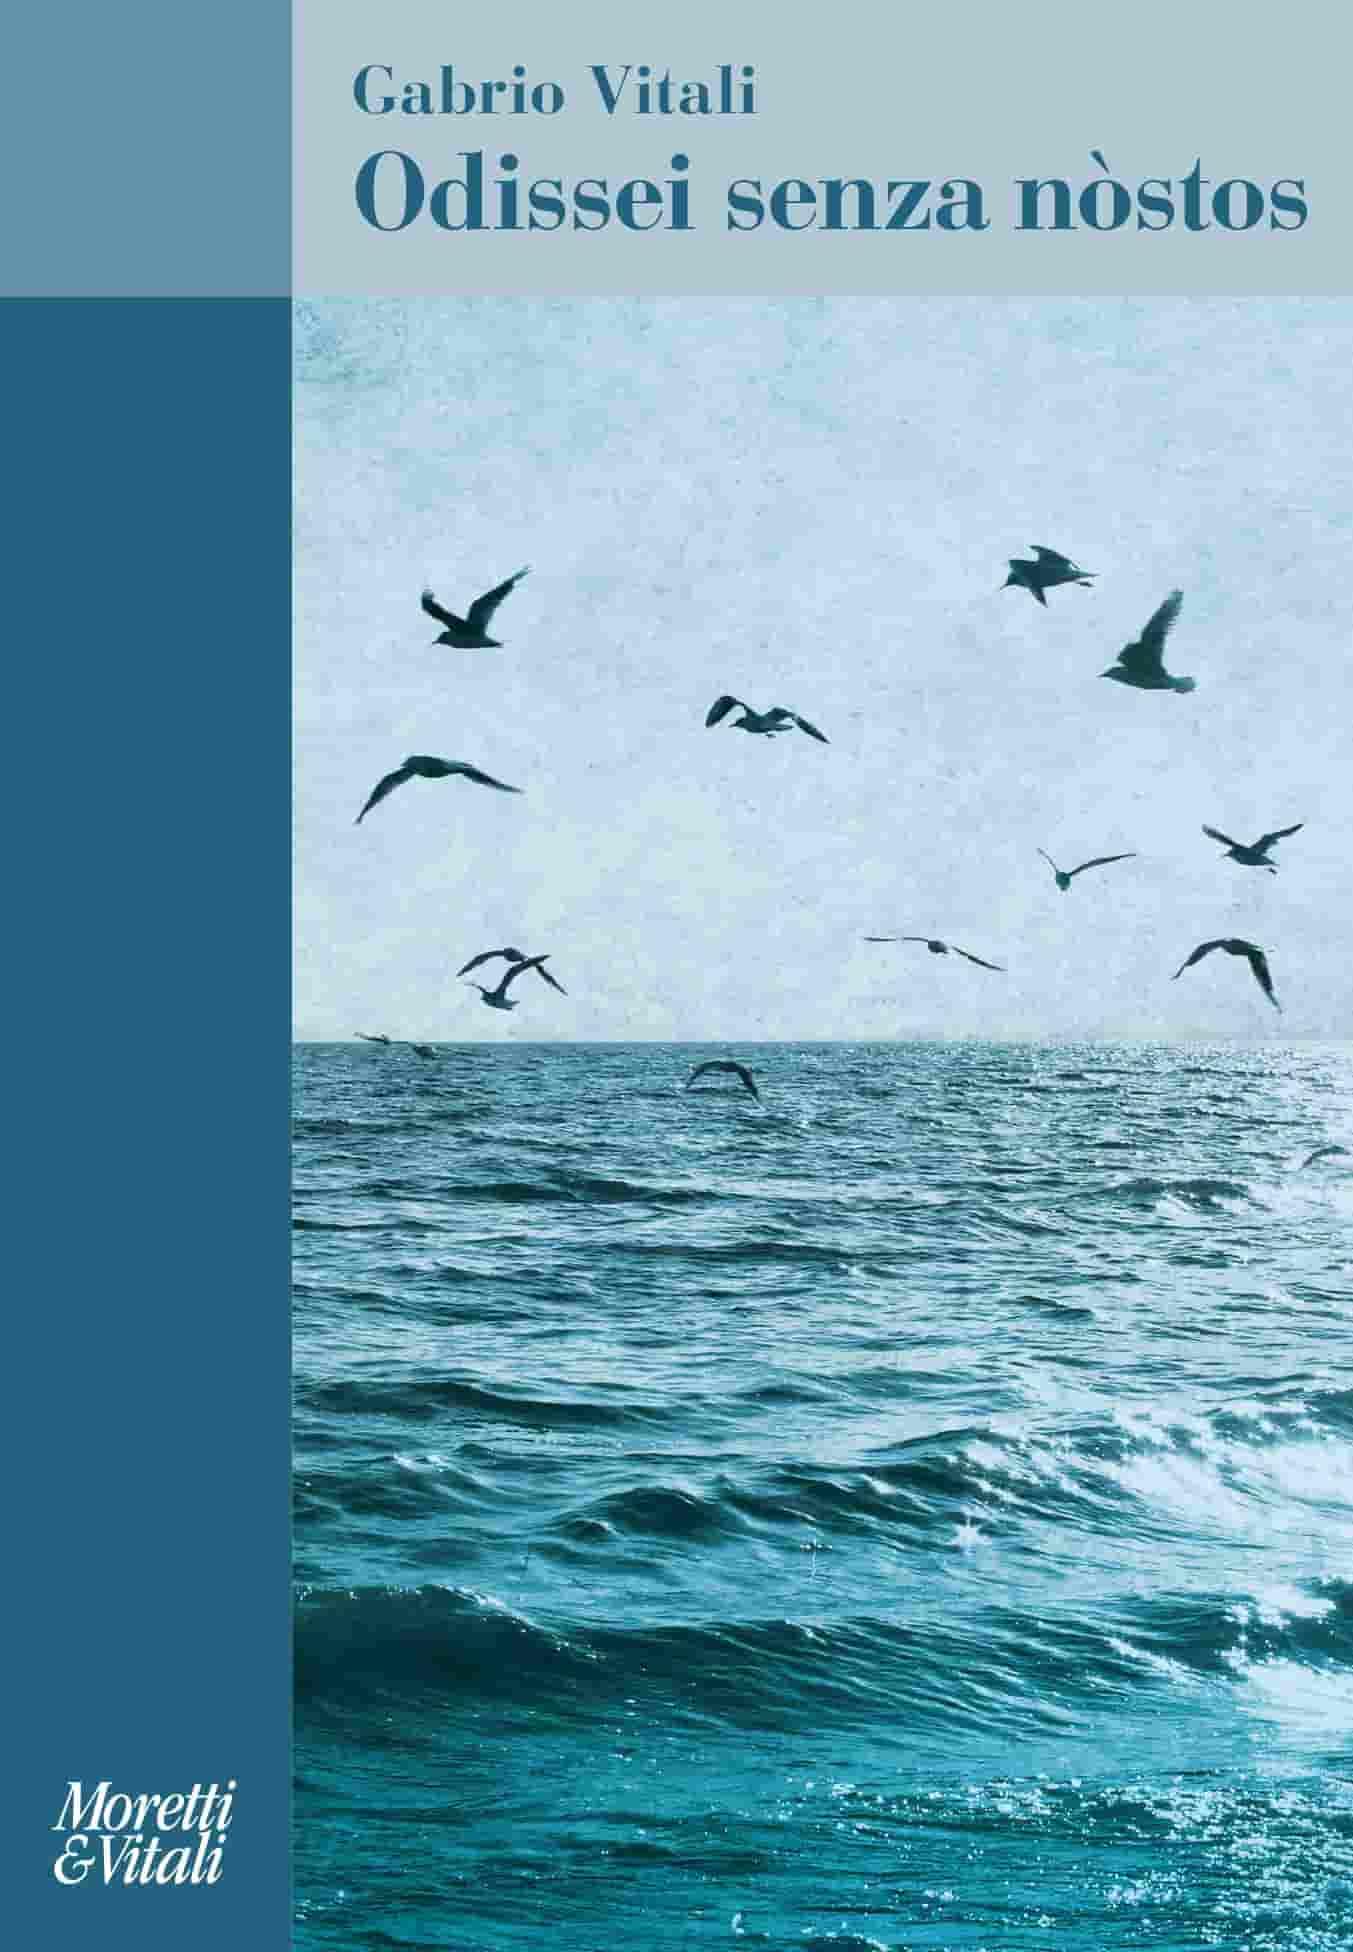 Odissei senza nostos (Gabrio Vitali) - Moretti e Vitali